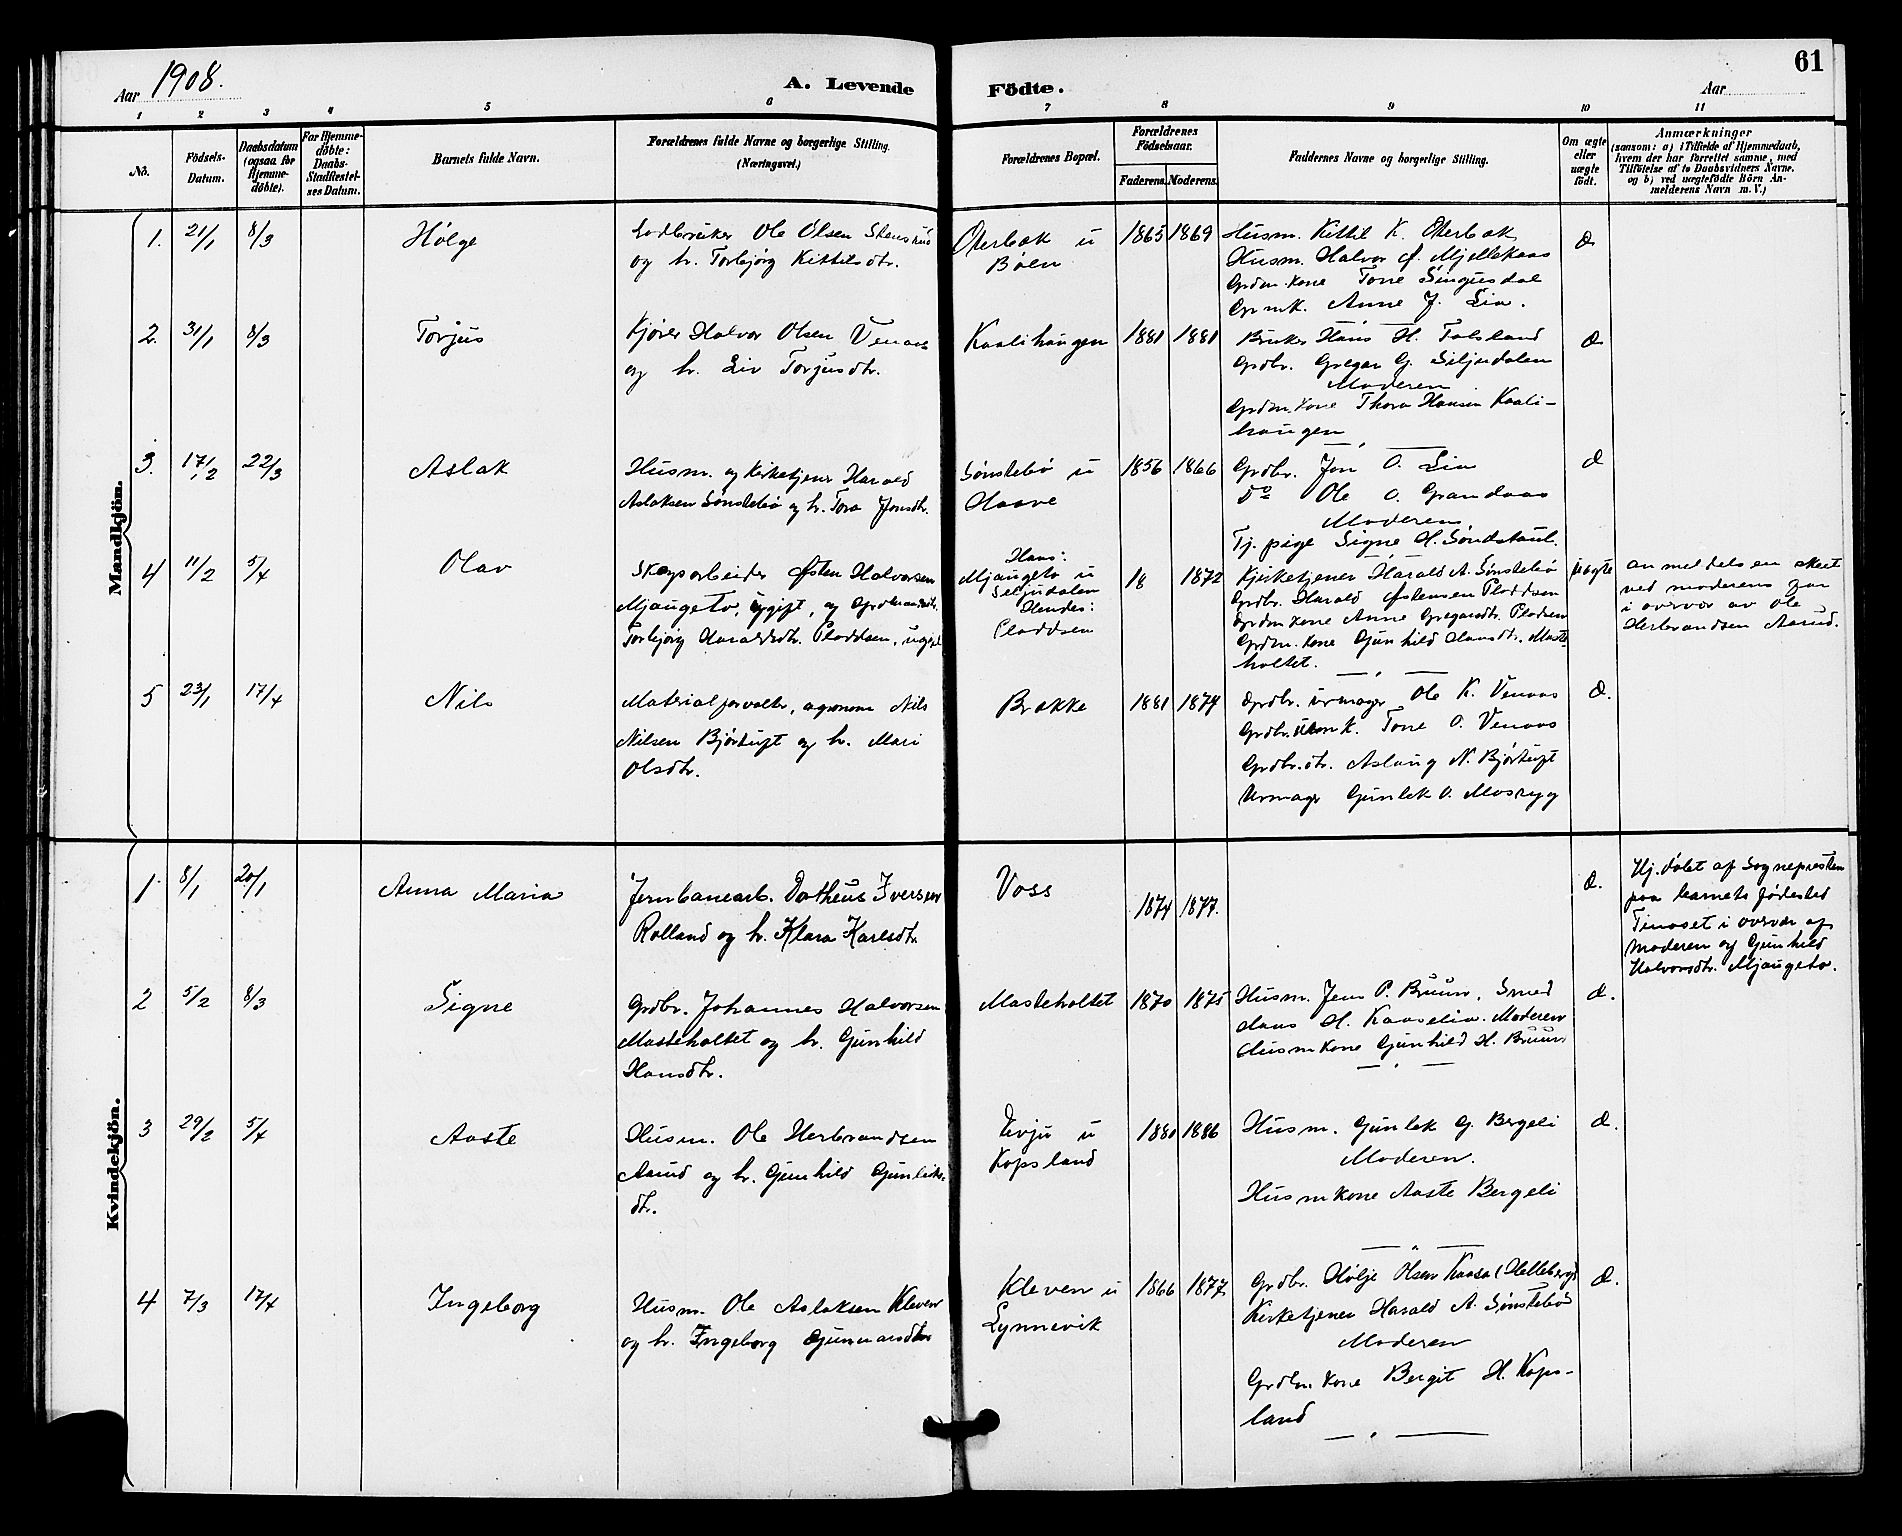 SAKO, Gransherad kirkebøker, G/Ga/L0003: Klokkerbok nr. I 3, 1887-1915, s. 61